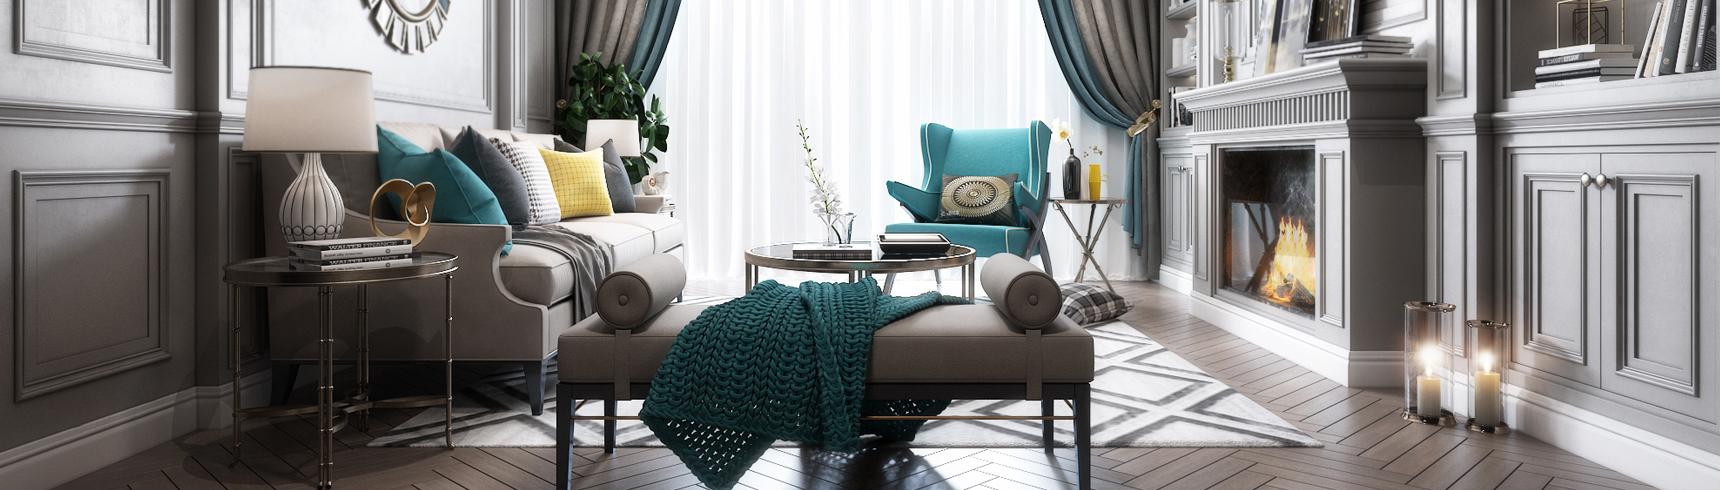 美式客厅 沙发 吊灯 台灯 壁炉 窗帘 装饰品 挂画3D模型下载